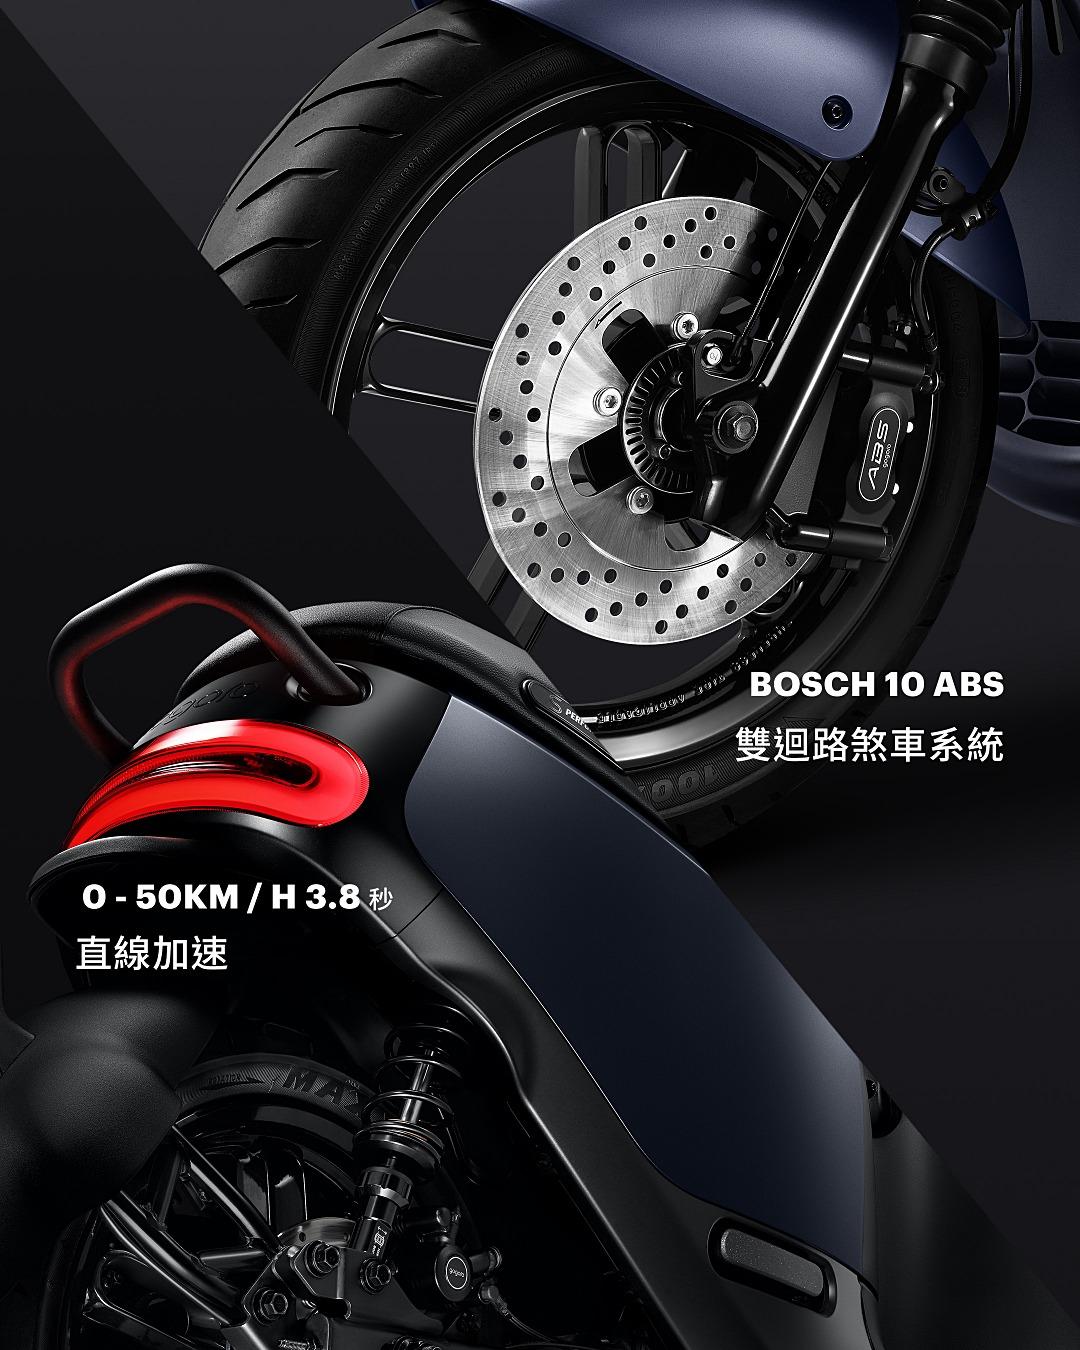 Gogoro 更新性能款 ABS 車型,推出石墨灰 Gogoro S2 ABS 與 S2 Café Racer ABS